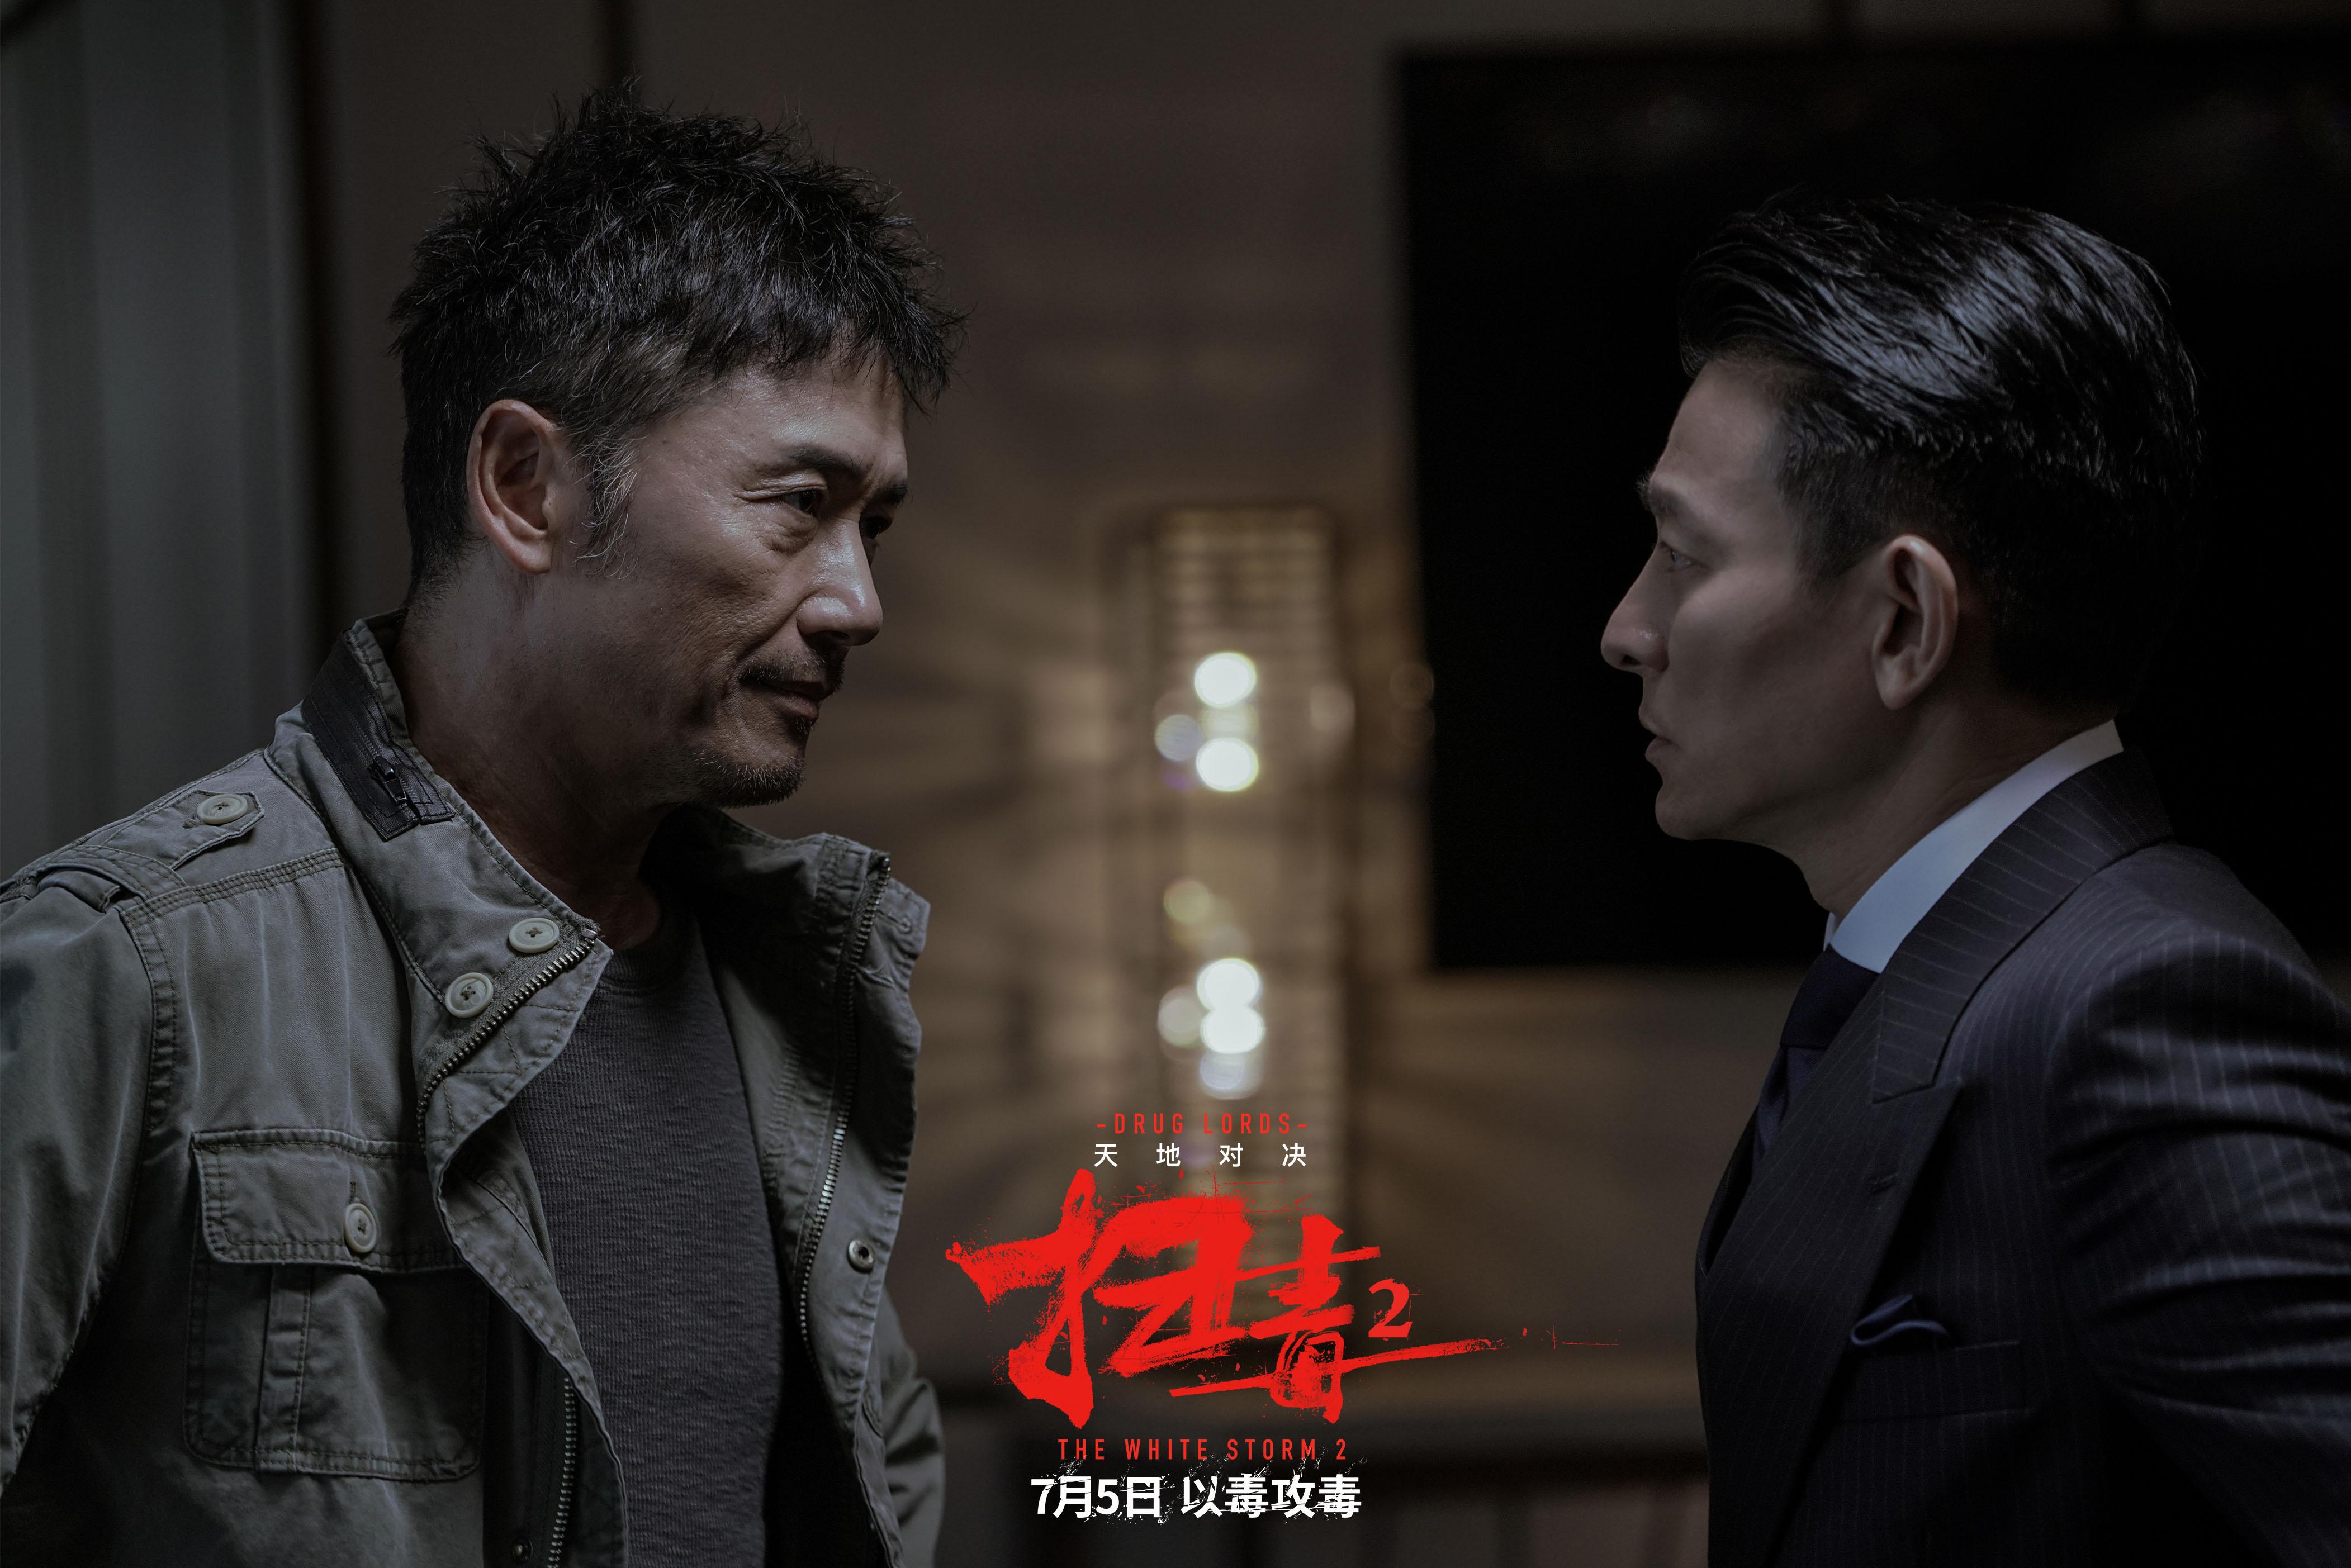 《掃毒2》1080p.HD國語中字 掃毒2BT下載